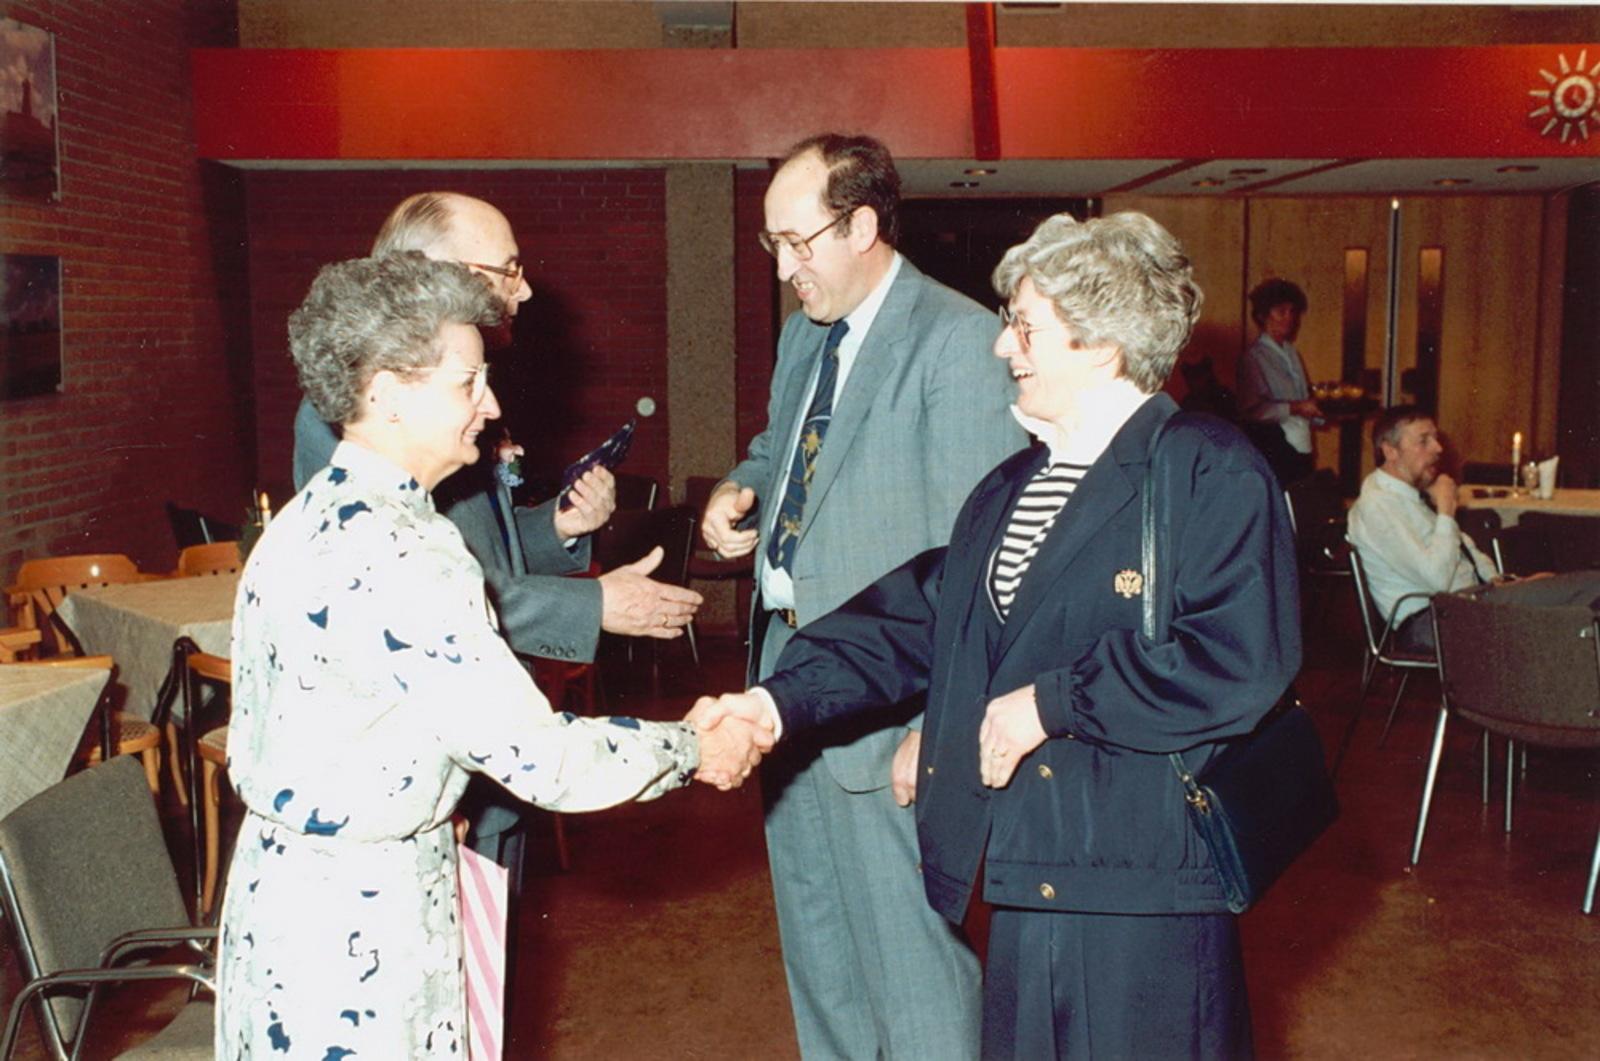 Marktlaan O 0022 1988 Sigarenboer Kraak 50jr Jub en Sluiting 43